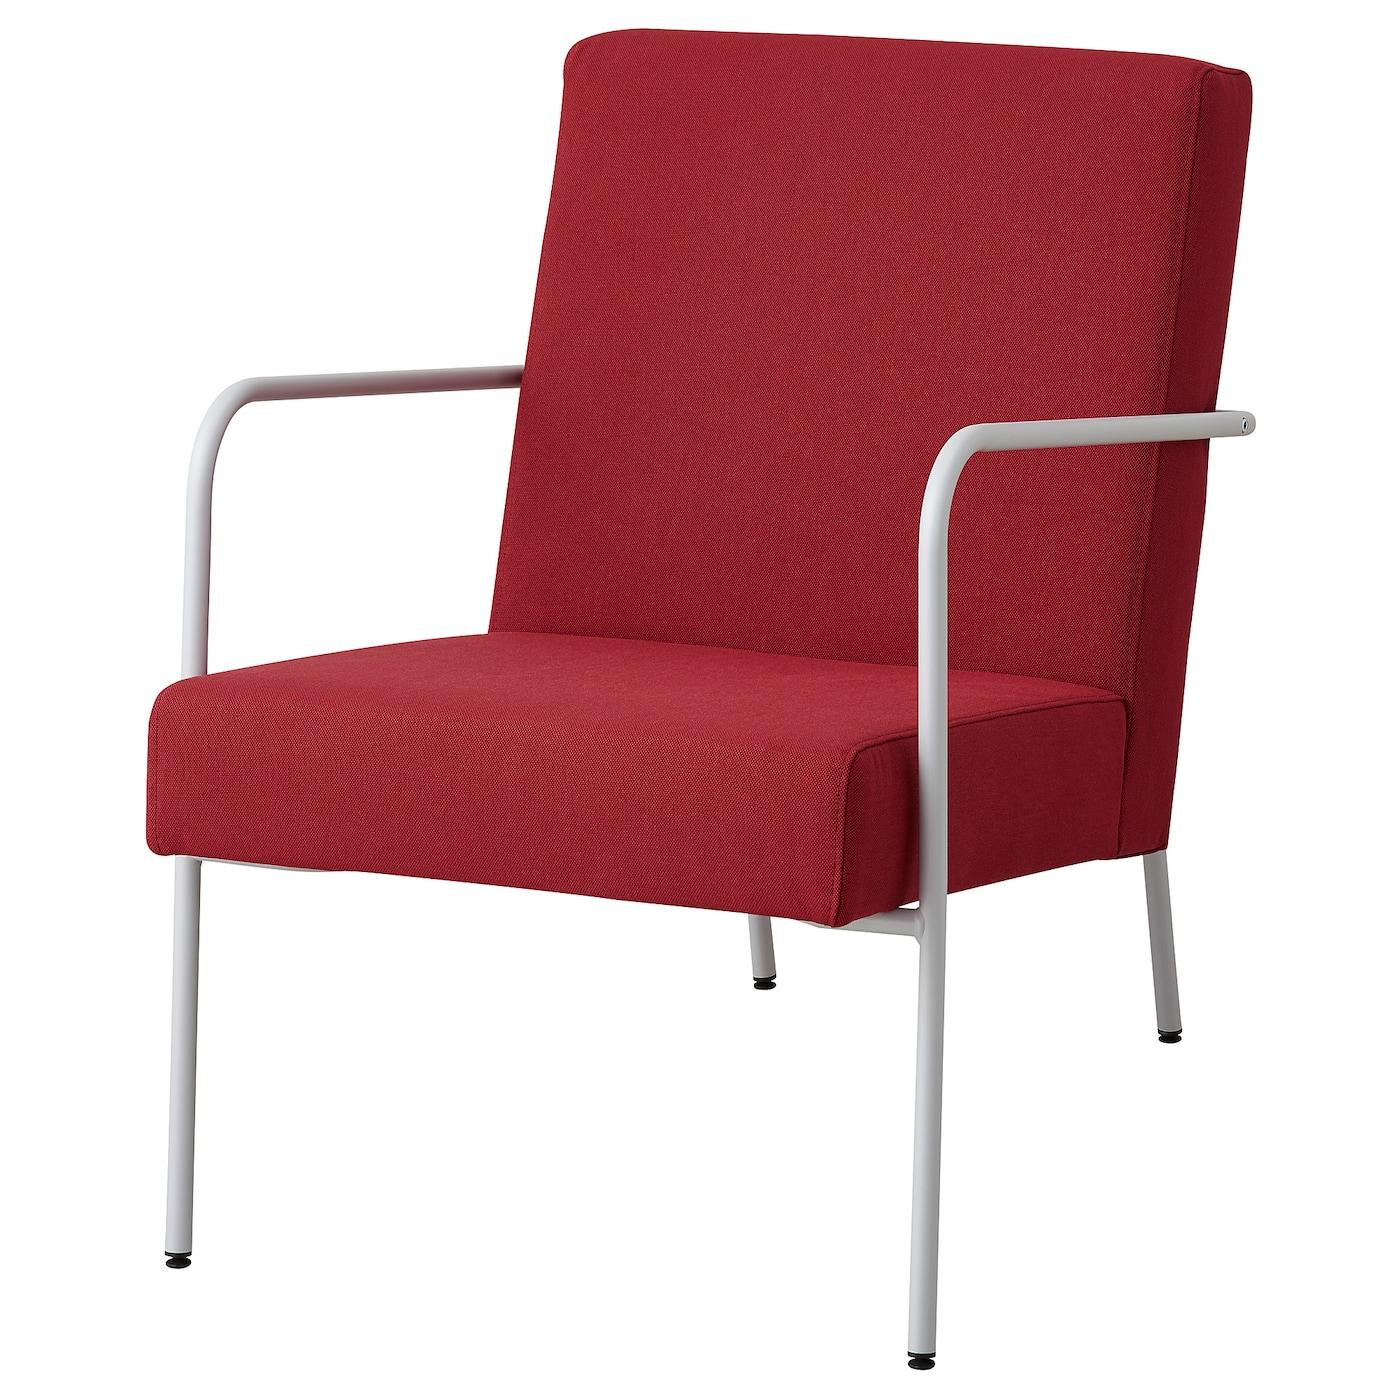 sillones de tela compra online ikea. Black Bedroom Furniture Sets. Home Design Ideas